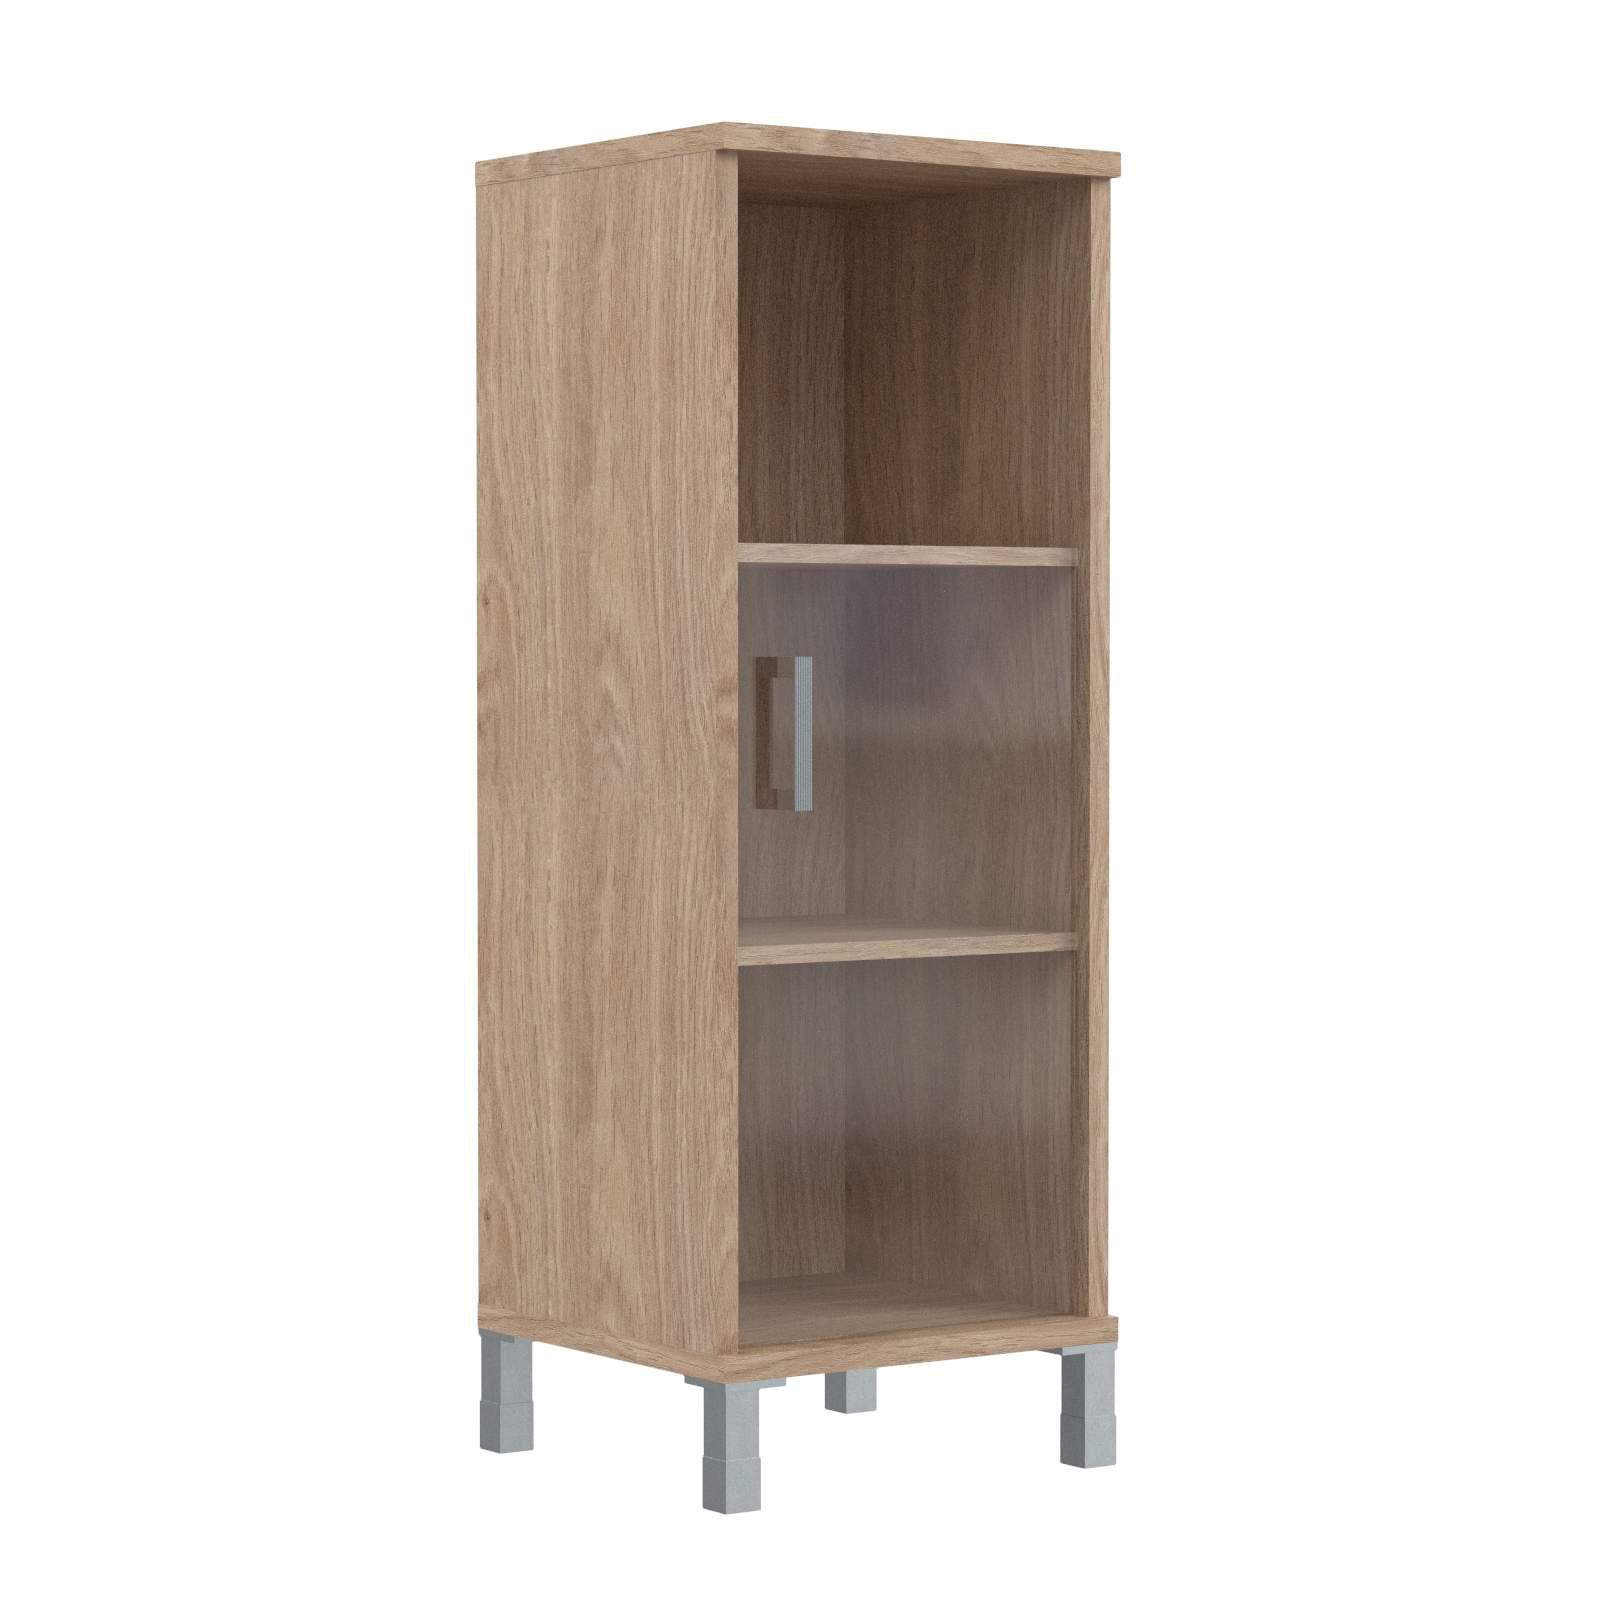 Шкаф колонка средняя с малой стеклянной дверью правая 475х435х1236